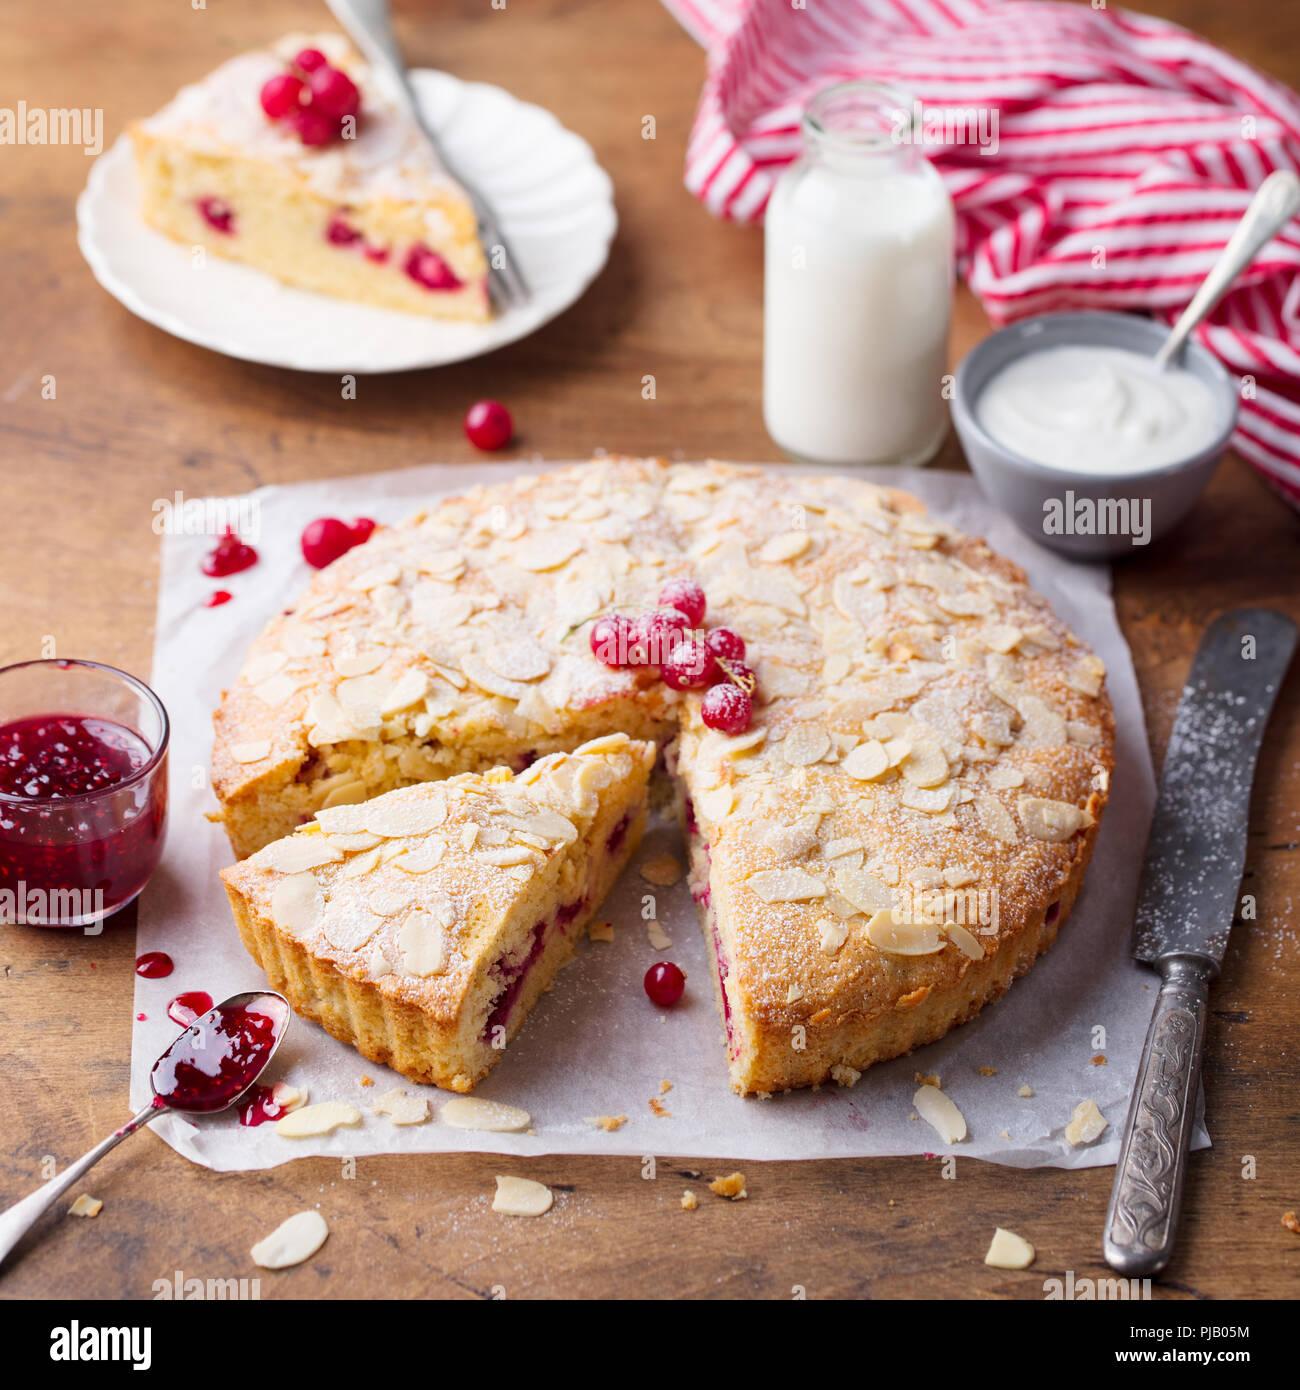 Gâteau aux amandes et framboises, Bakewell tart. Pâtisserie traditionnelle britannique. Fond de bois. Photo Stock